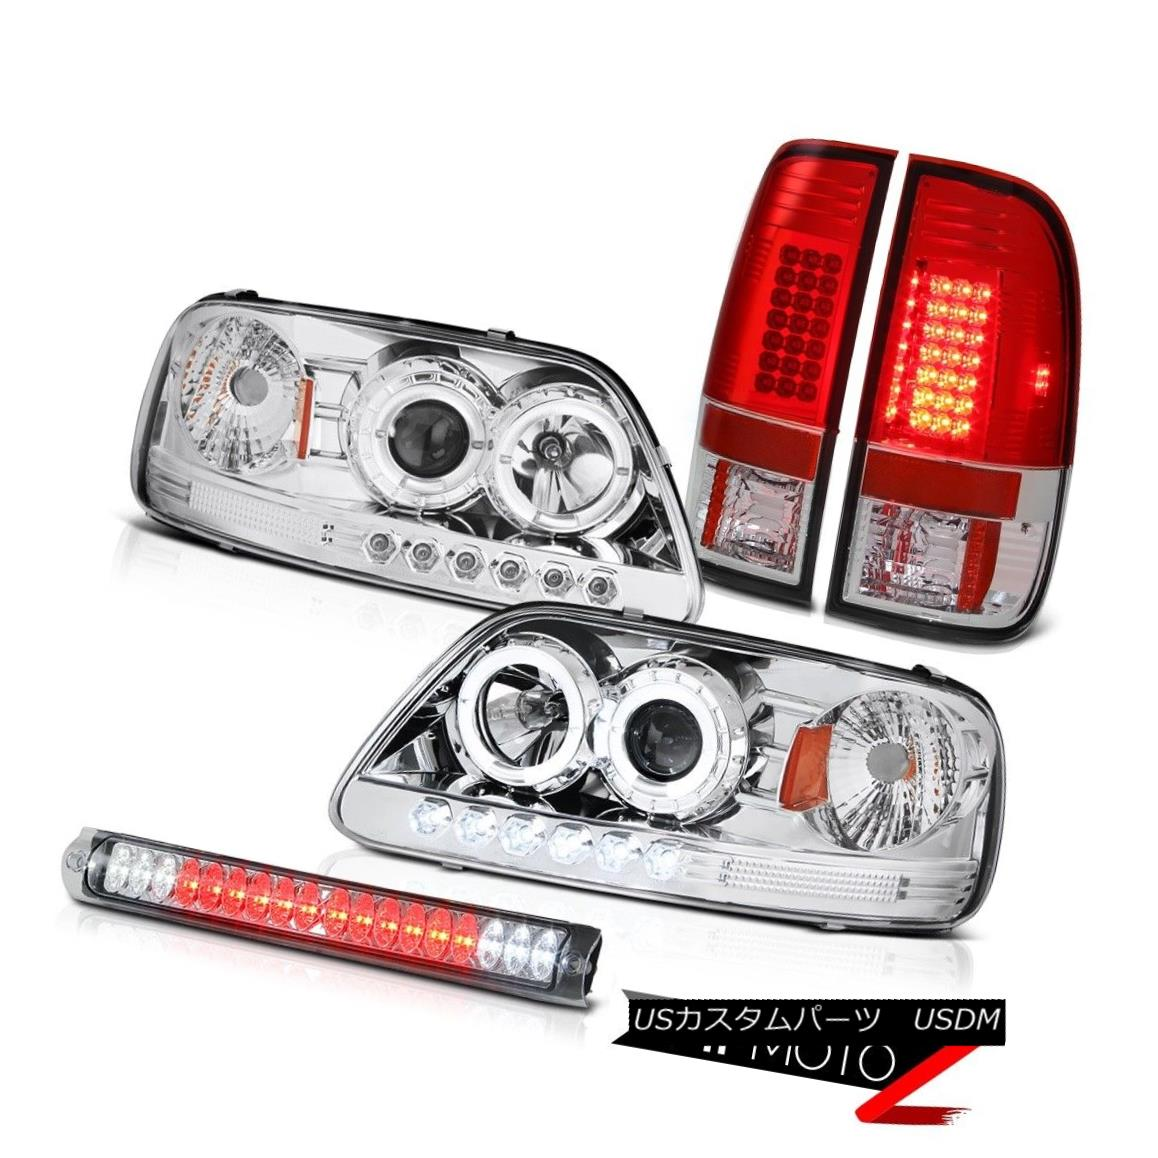 テールライト Chrome LED Angel Eye Headlights Tail Lights Third Brake Lamp Ford F150 1997-2003 クロームLEDエンジェルアイヘッドライトテールライト第3ブレーキランプフォードF150 1997-2003